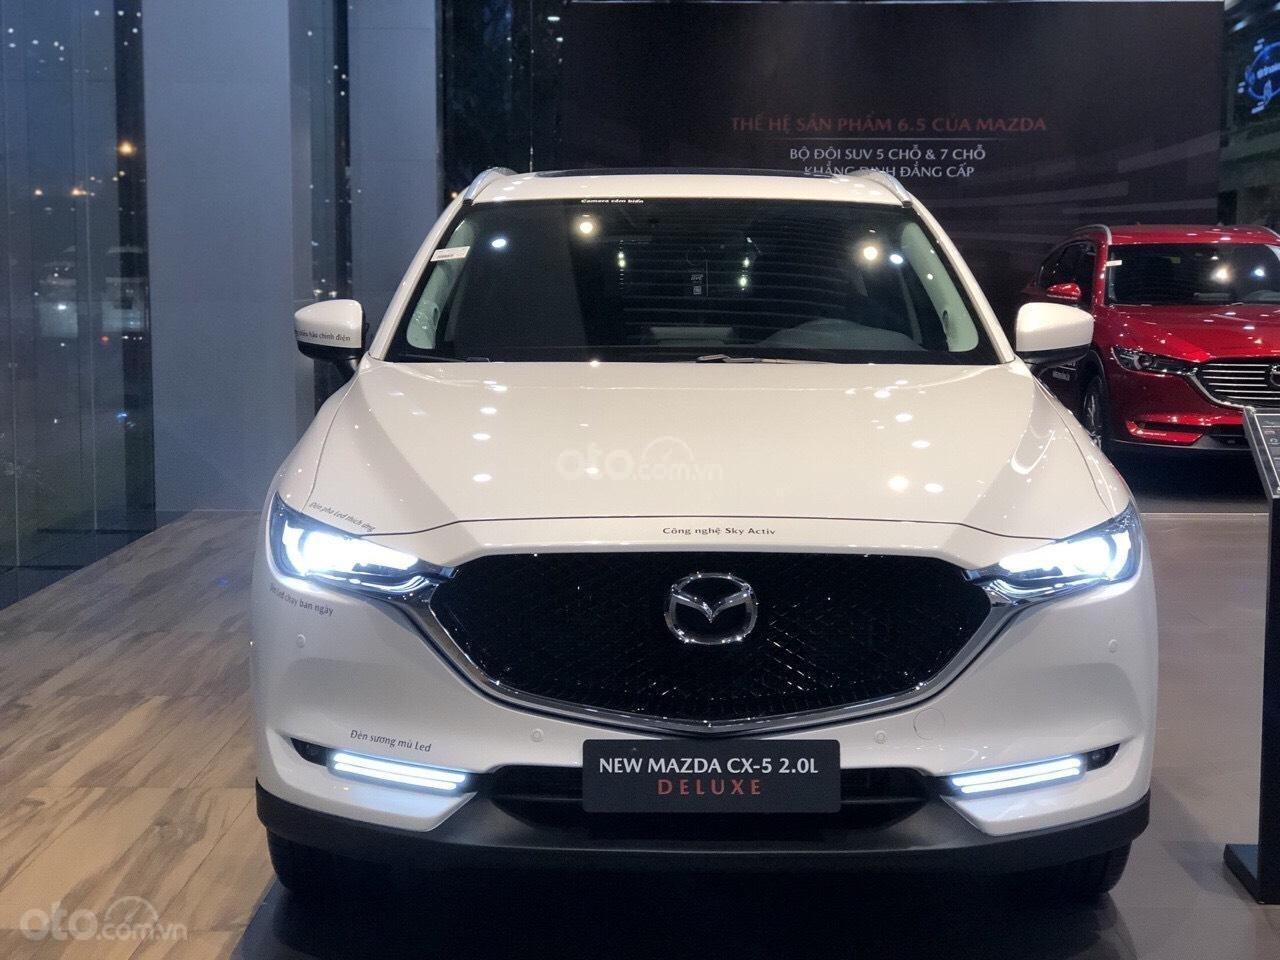 [Cực hot]: Ưu đãi new Mazda CX-5 từ 80tr + quà tặng - giao xe ngay - hỗ trợ trả góp cực ngầu (1)